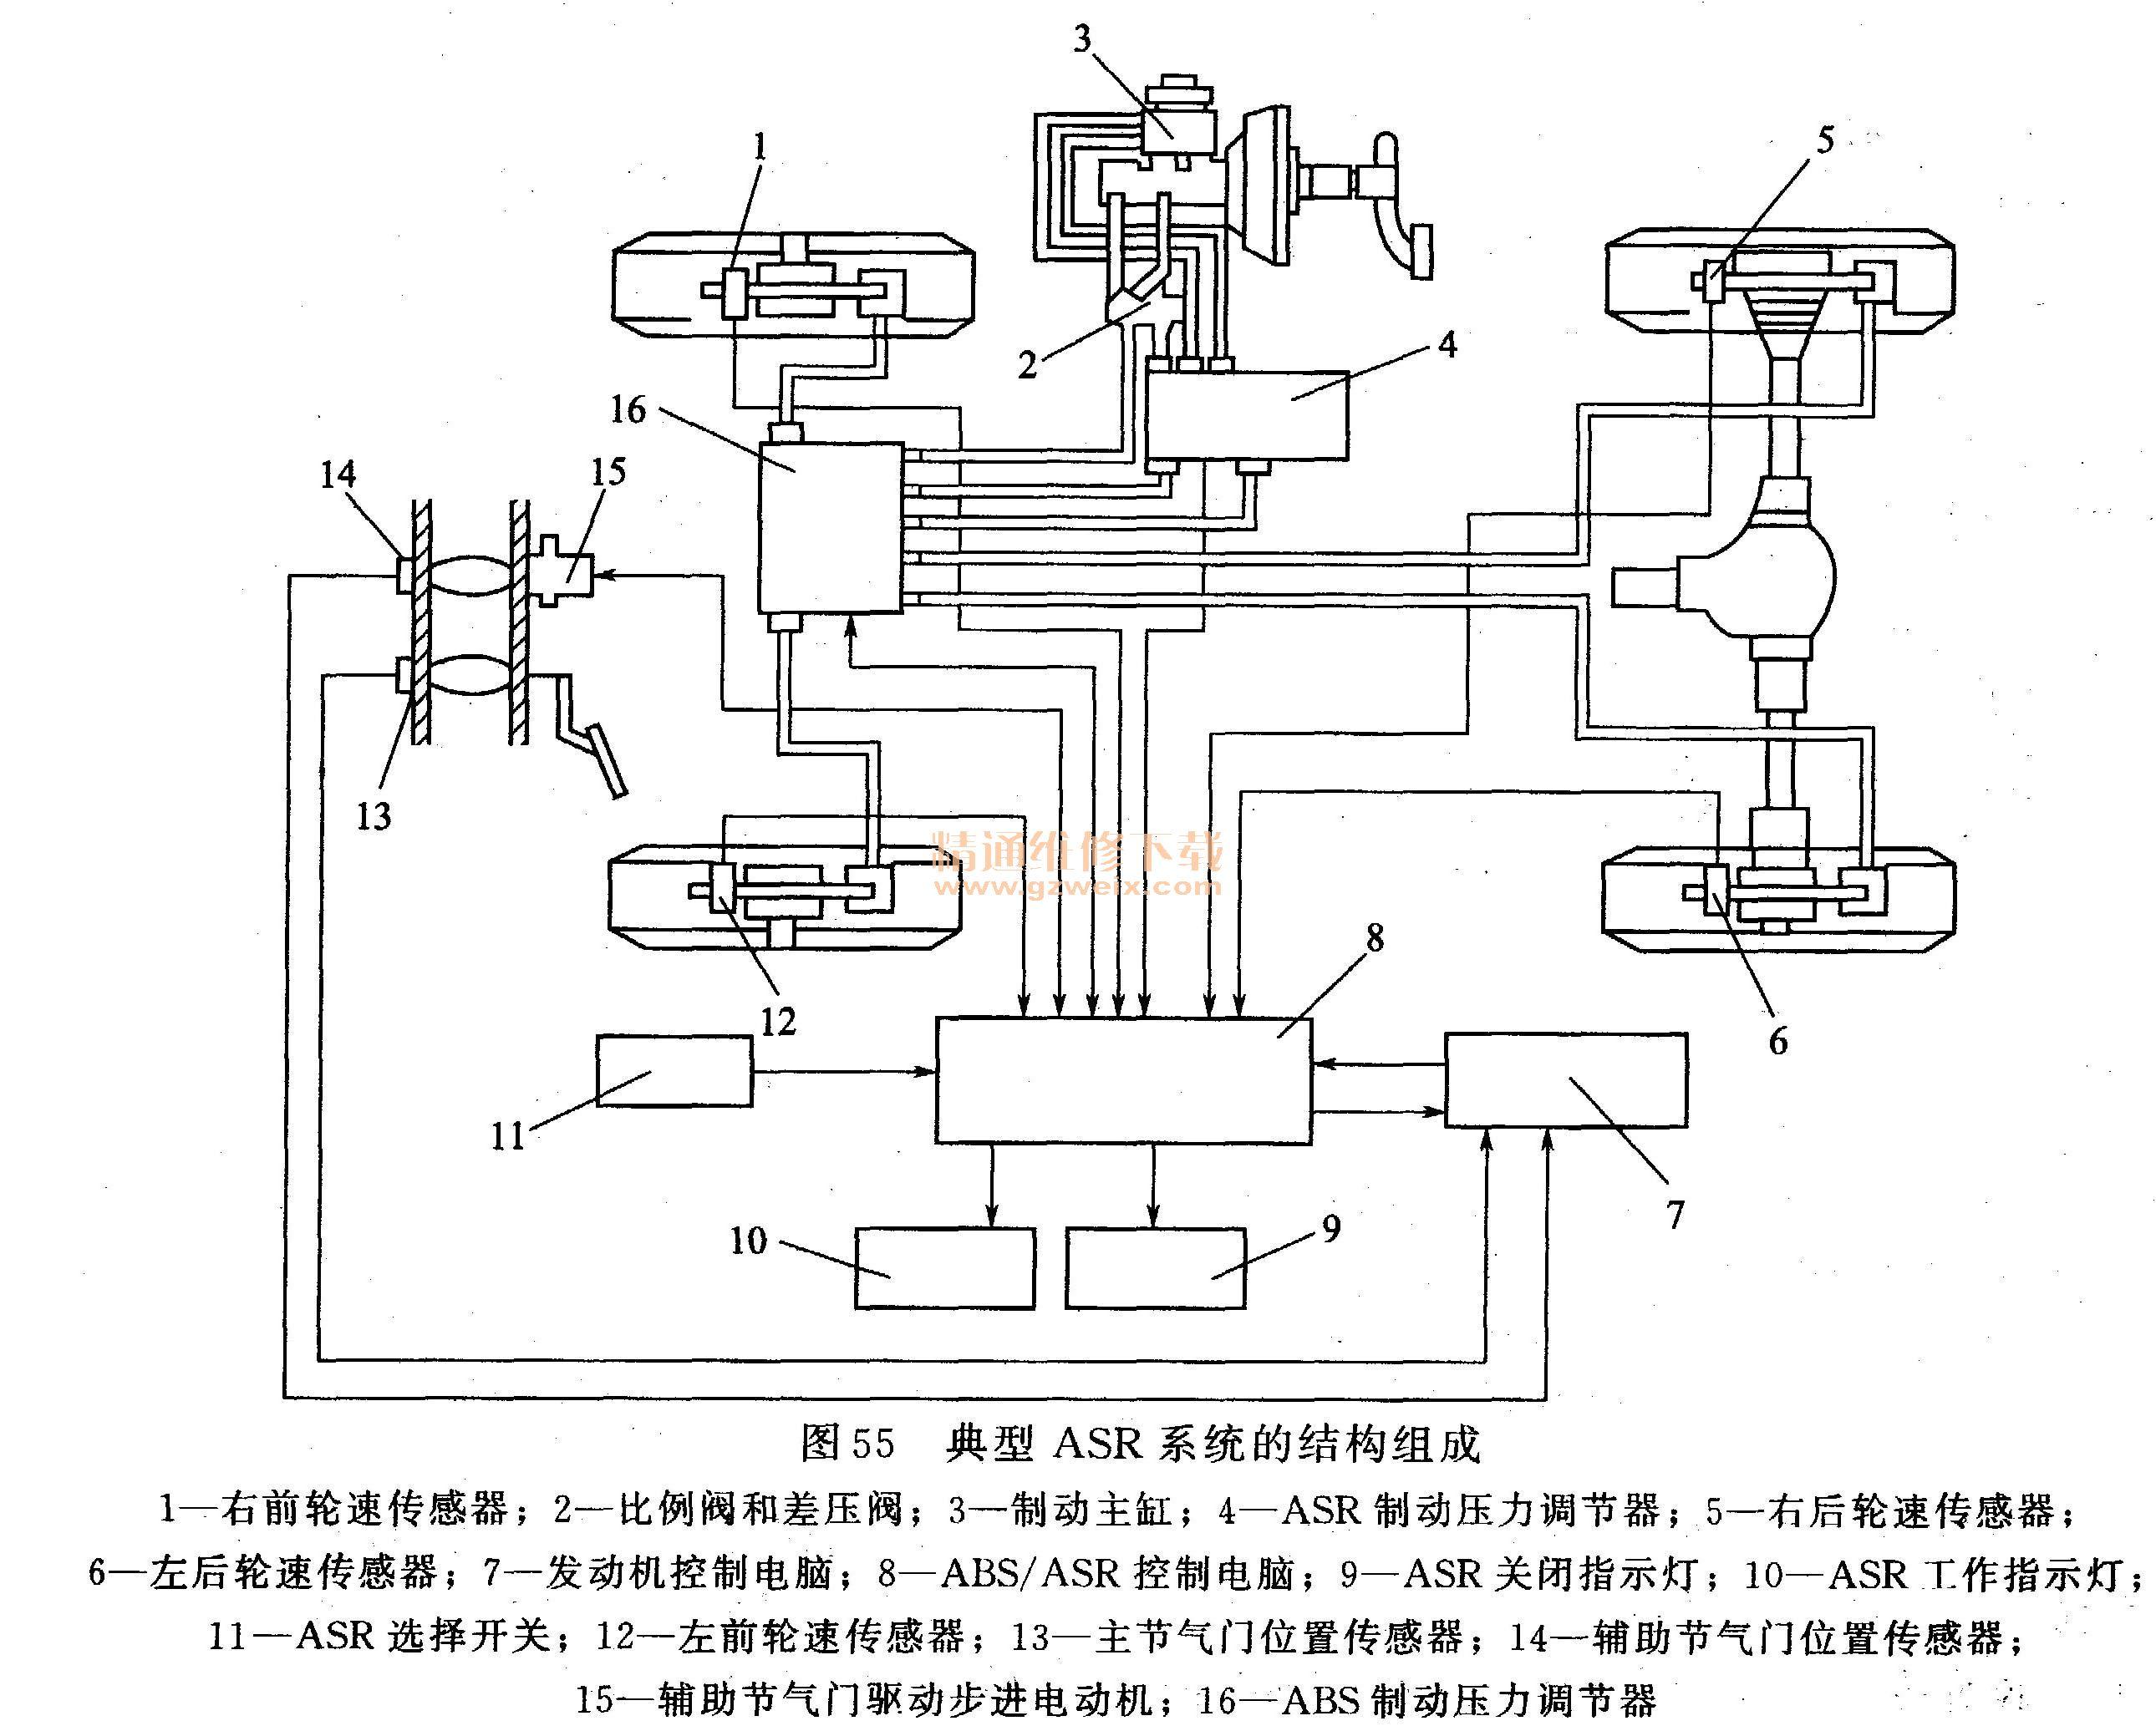 asr制动压力源是蓄能器,通过电磁阀来调节驱动轮制动压力的大小.图片